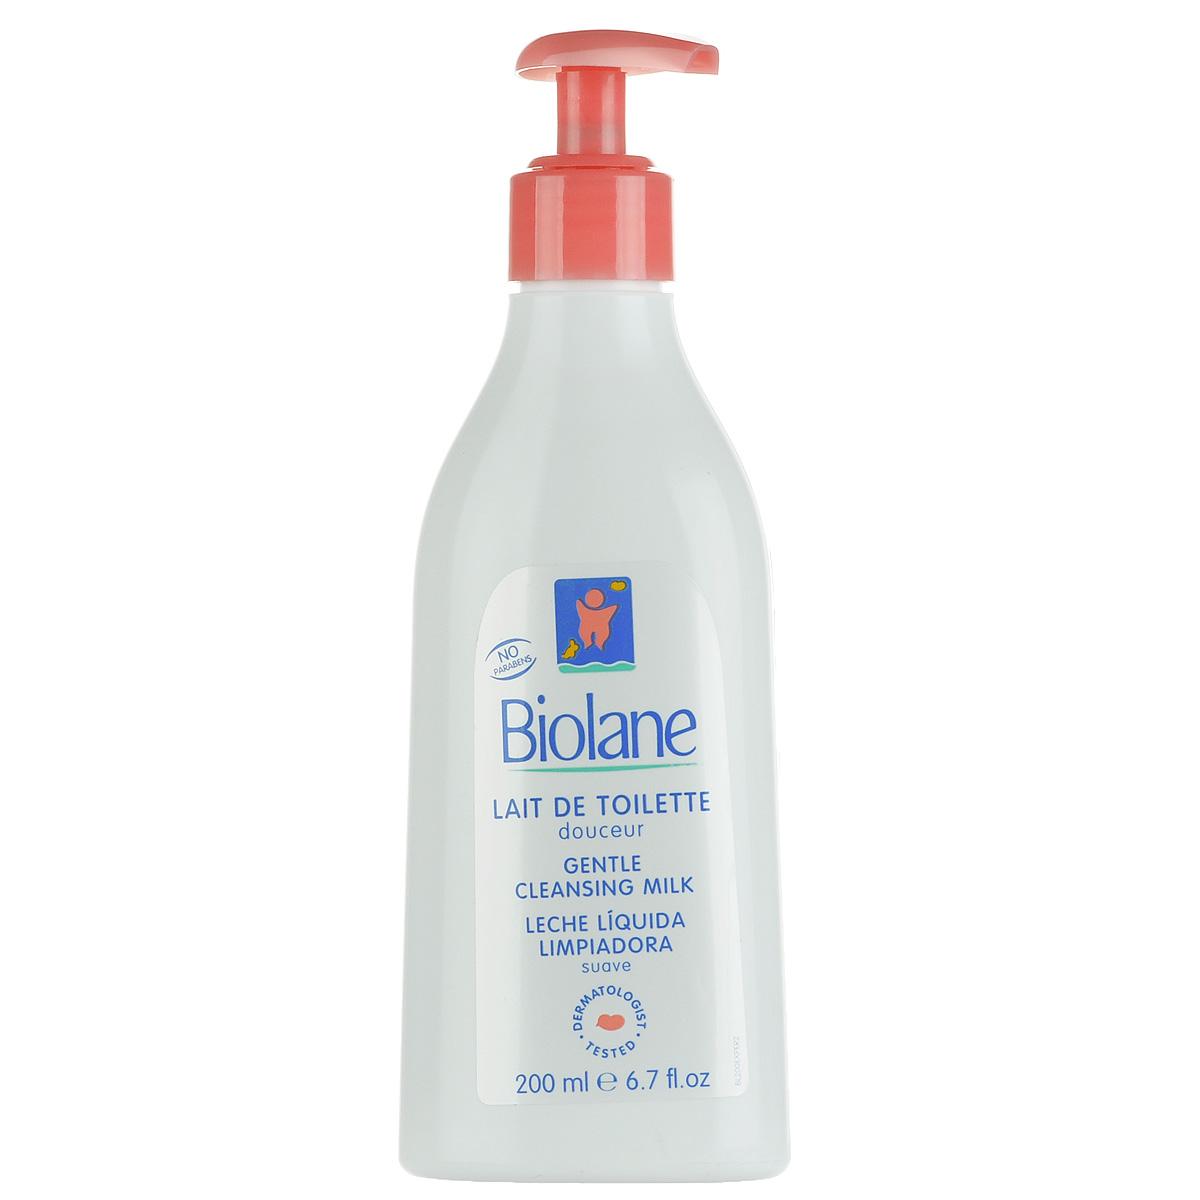 Biolane Нежное туалетное молочко для детей, 200 млBL200Нежное туалетное молочко Biolane предназначено для ежедневной гигиены малыша в первые месяцы жизни. Оно представляет собой мягкий несмываемый лосьон, созданный специально для обработки нежной кожи младенца и любой чувствительной кожи. Не содержащая мыла моющая основа с pH-сбалансированной формулой мягко очищает кожу, не высушивая ее, и способствует поддержанию кожного баланса. Не требует смывания. Товар сертифицирован.